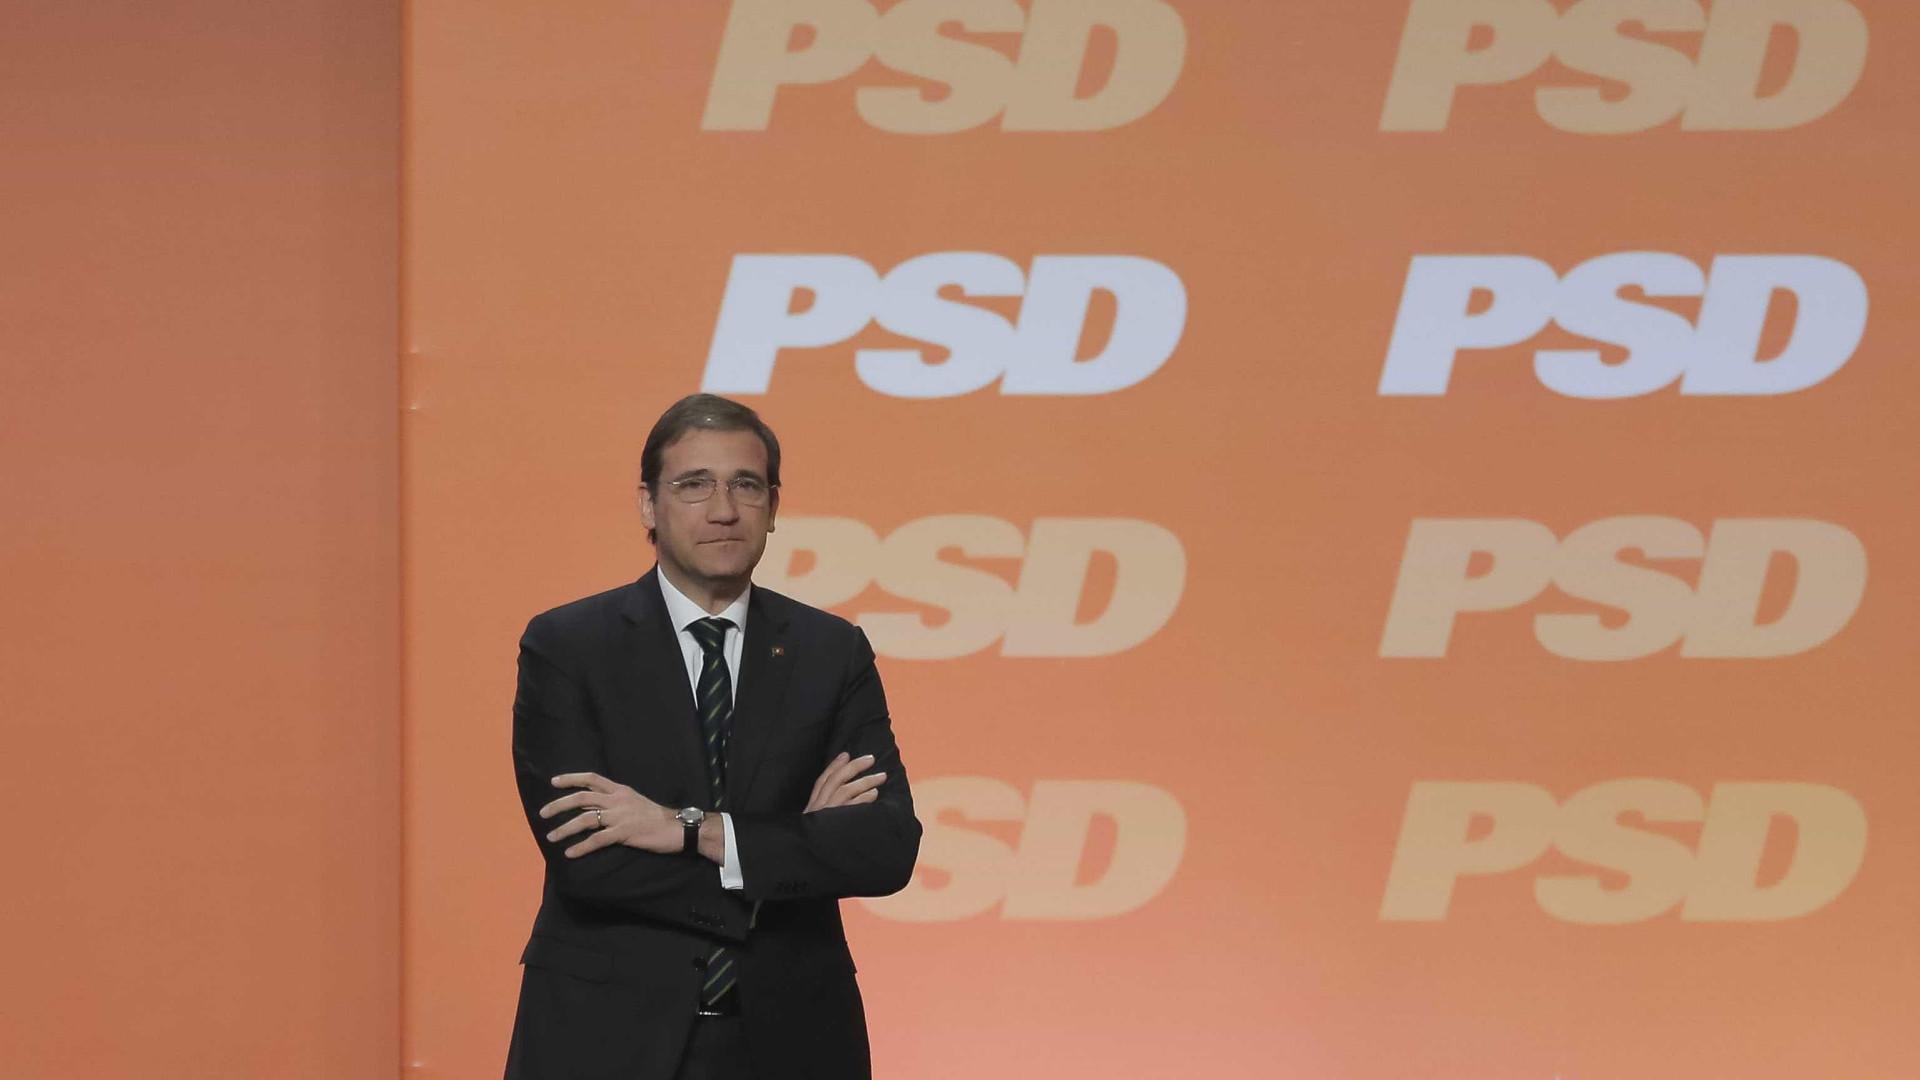 PSD congratula-se com melhoria dos conhecimentos a matemática